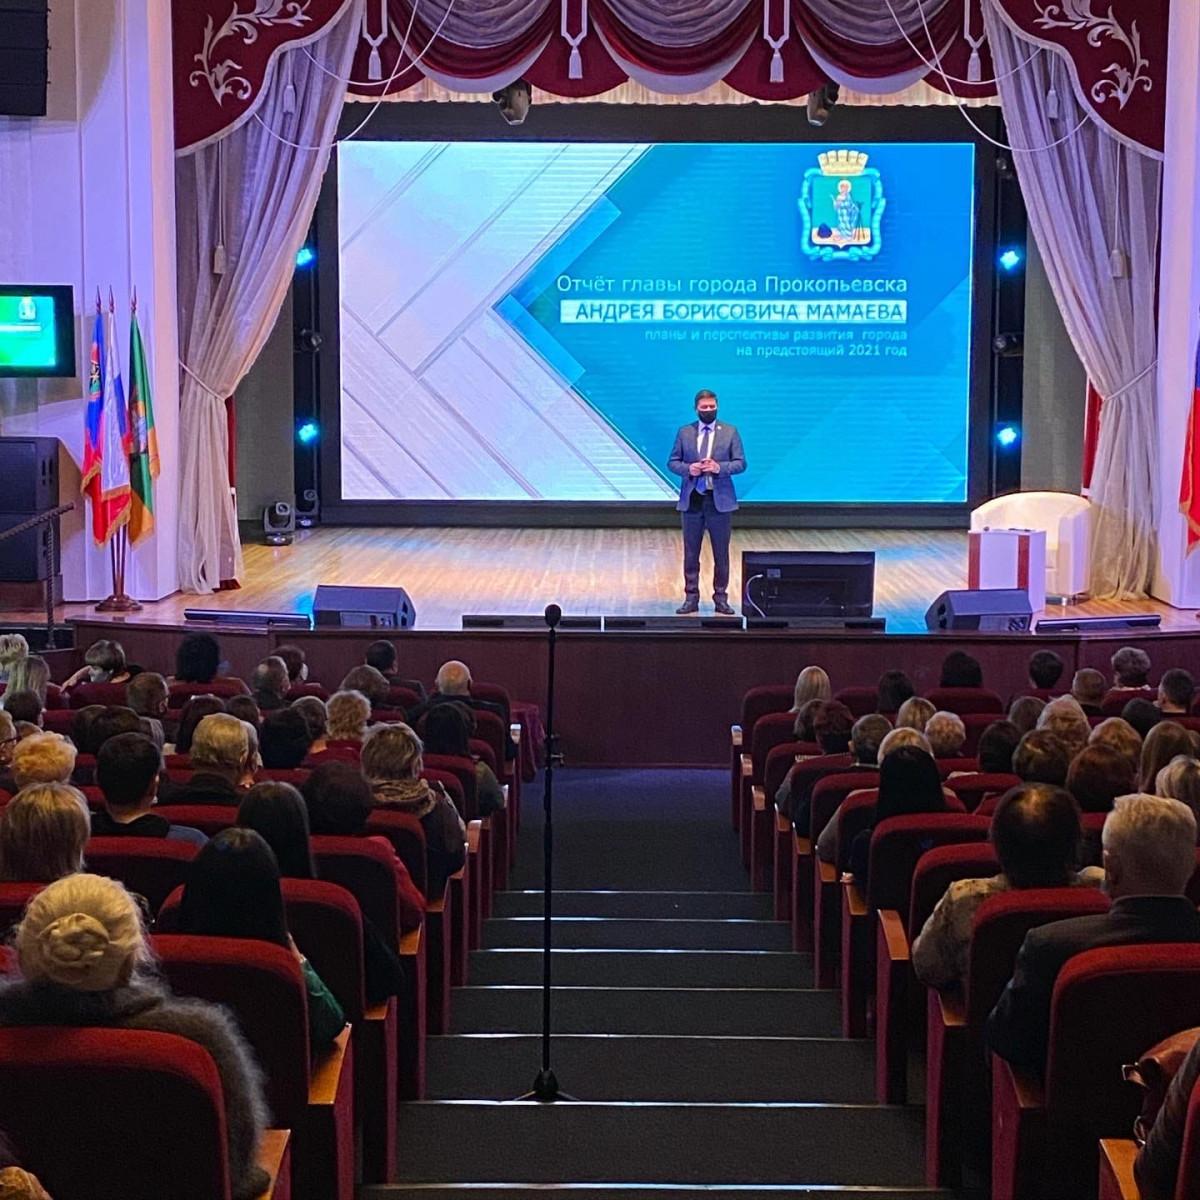 Глава Прокопьевска рассказал, что изменится в городе в 2021 году